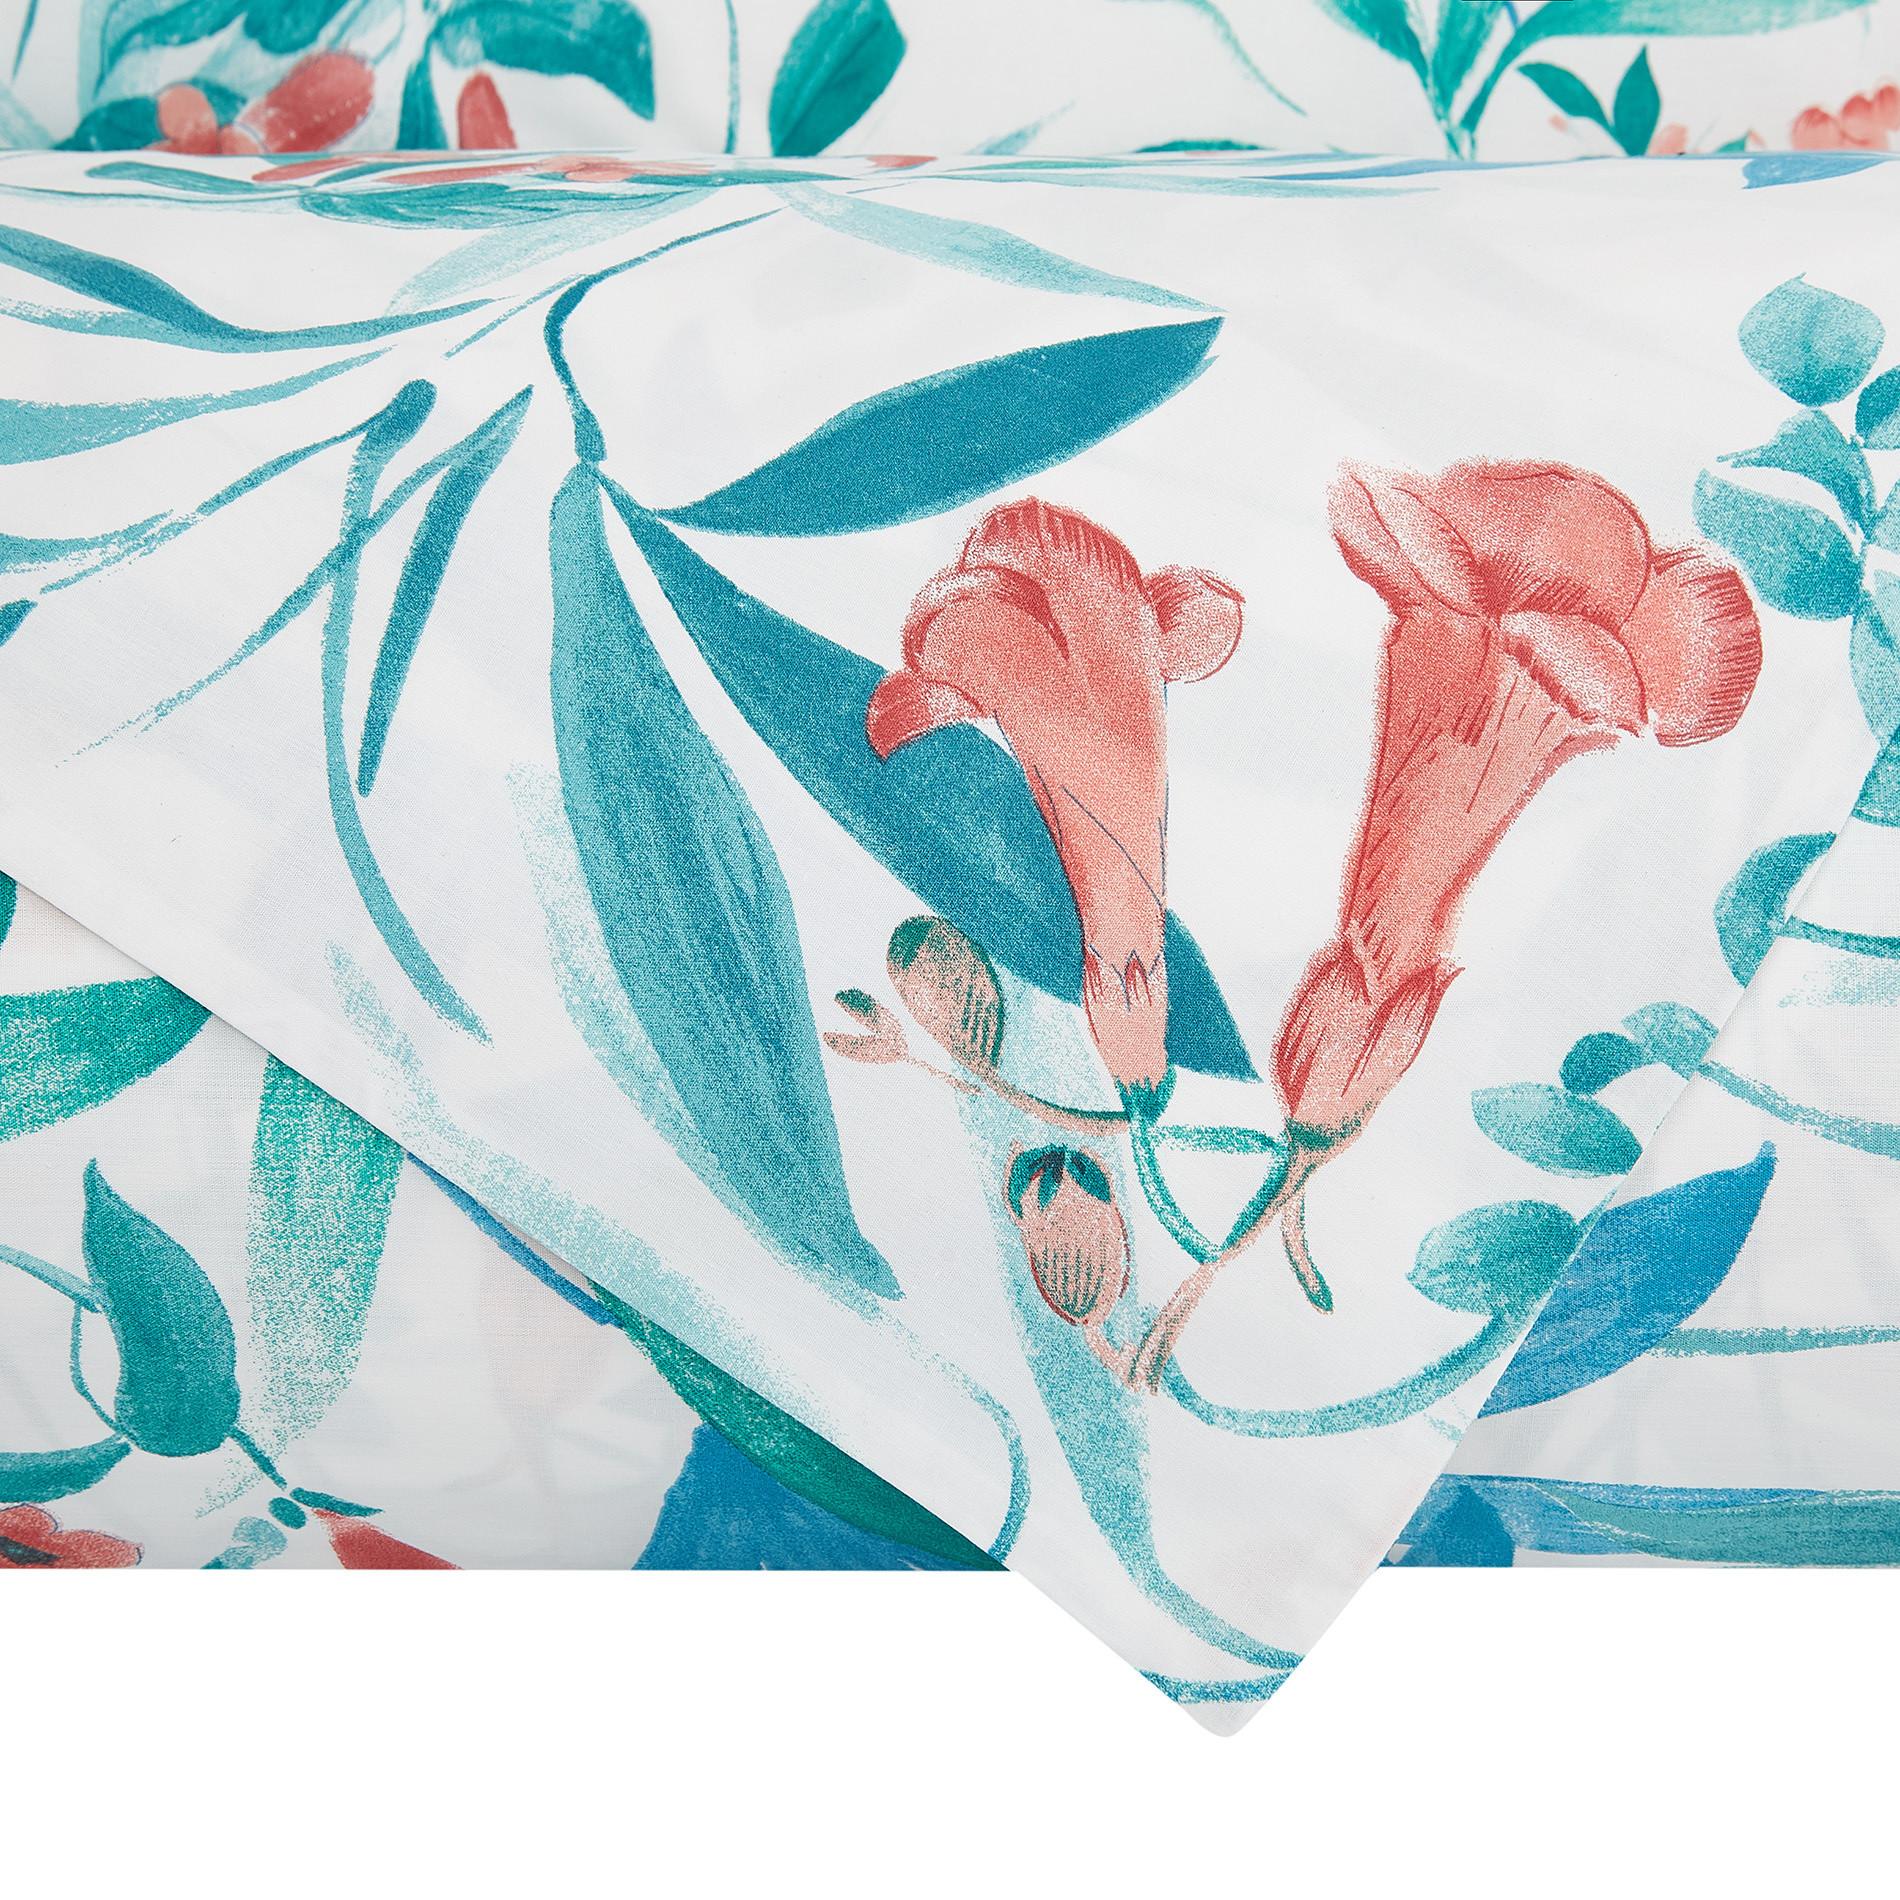 Lenzuolo liscio cotone biologico fantasia foglie, Bianco, large image number 2